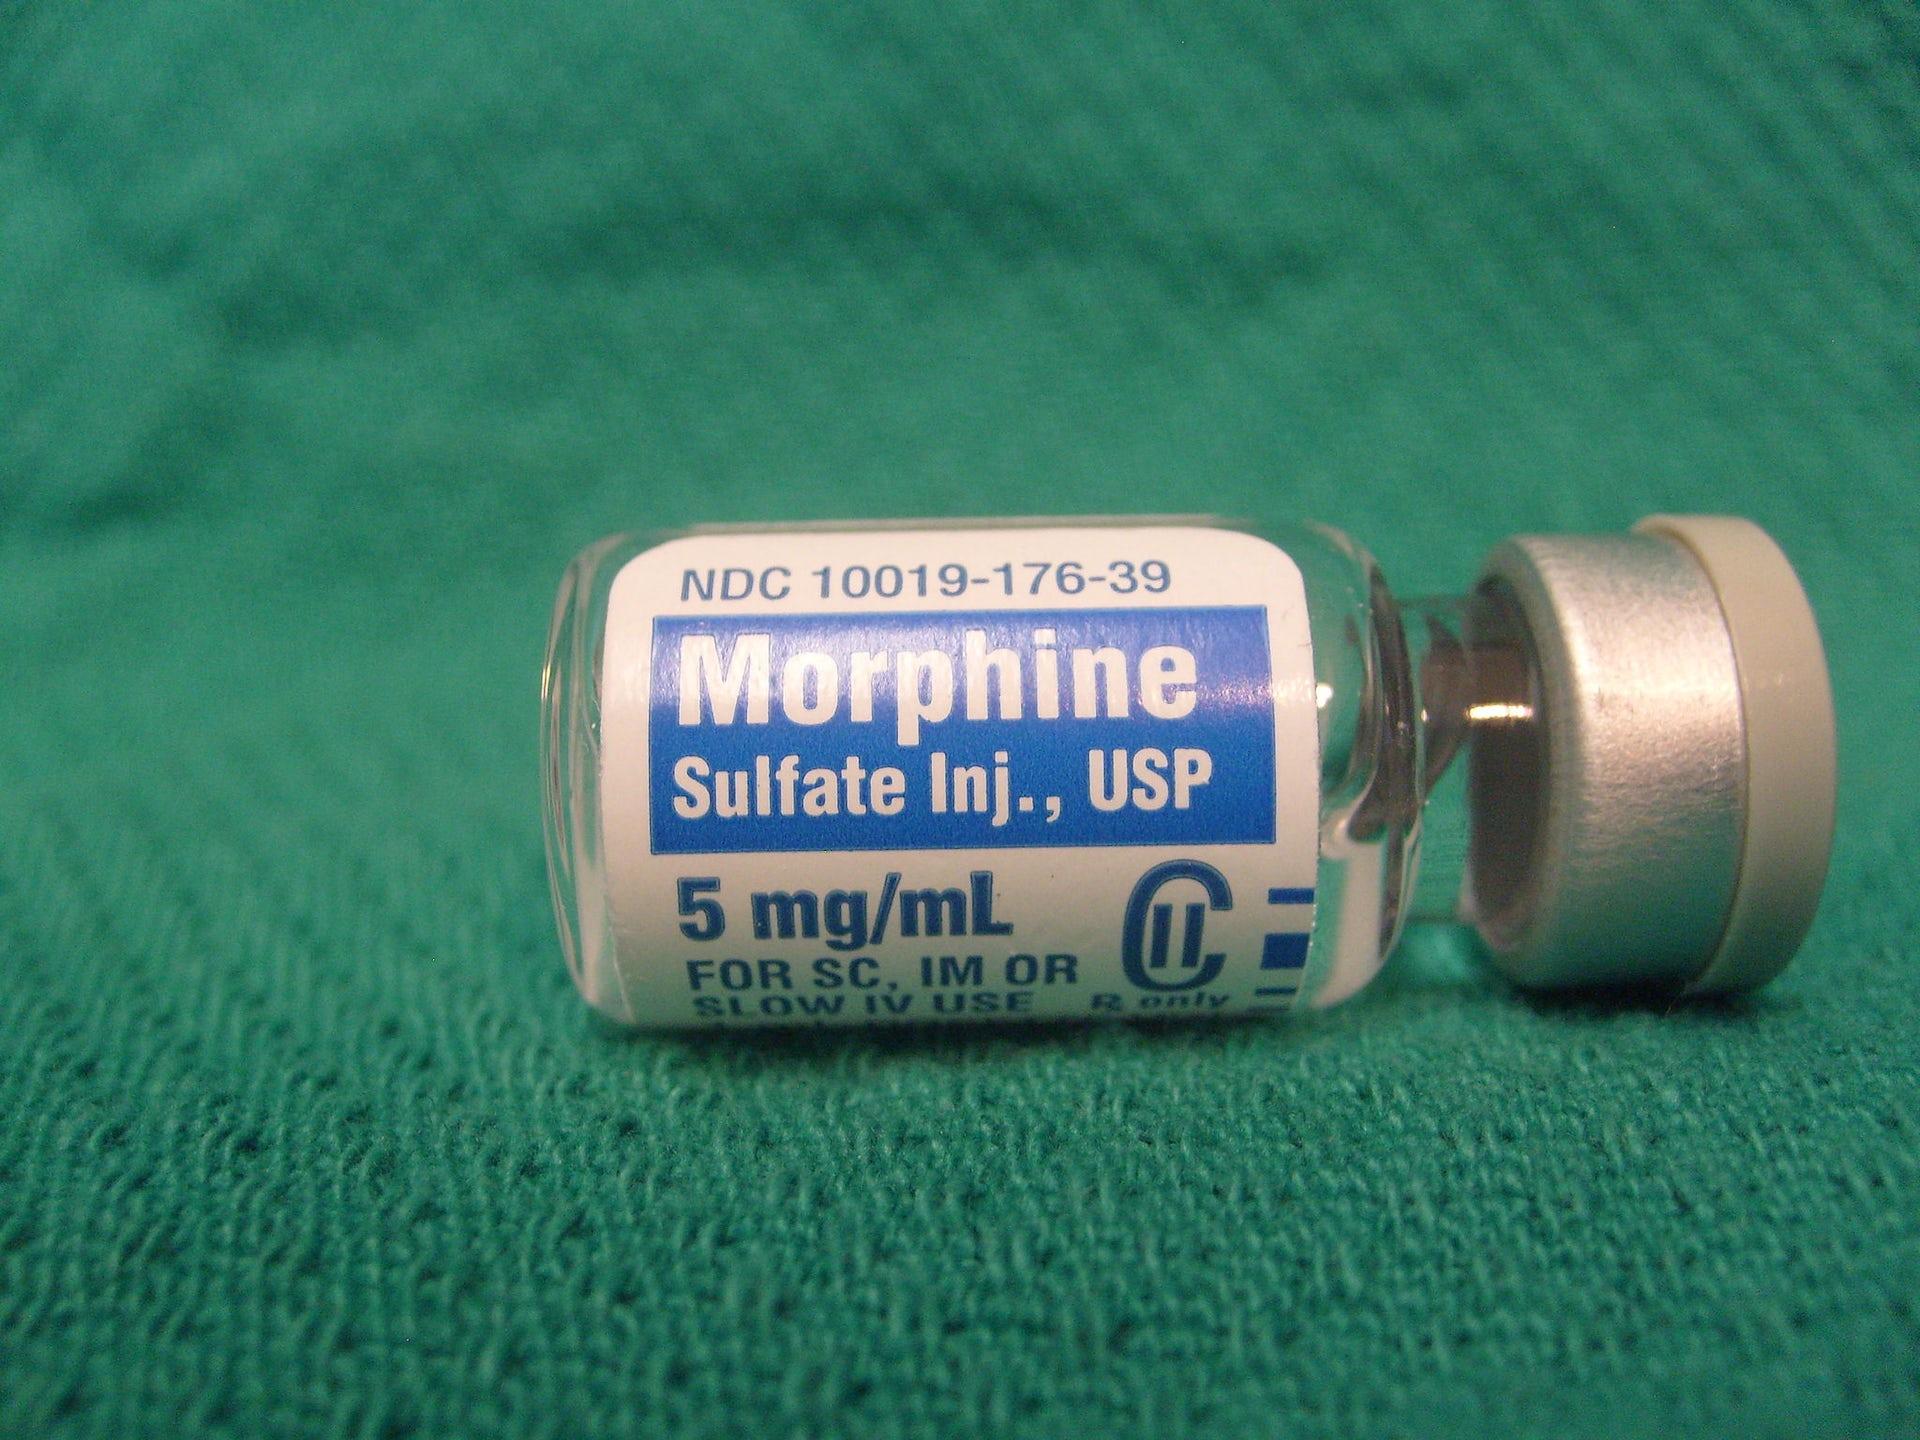 Morphine vial